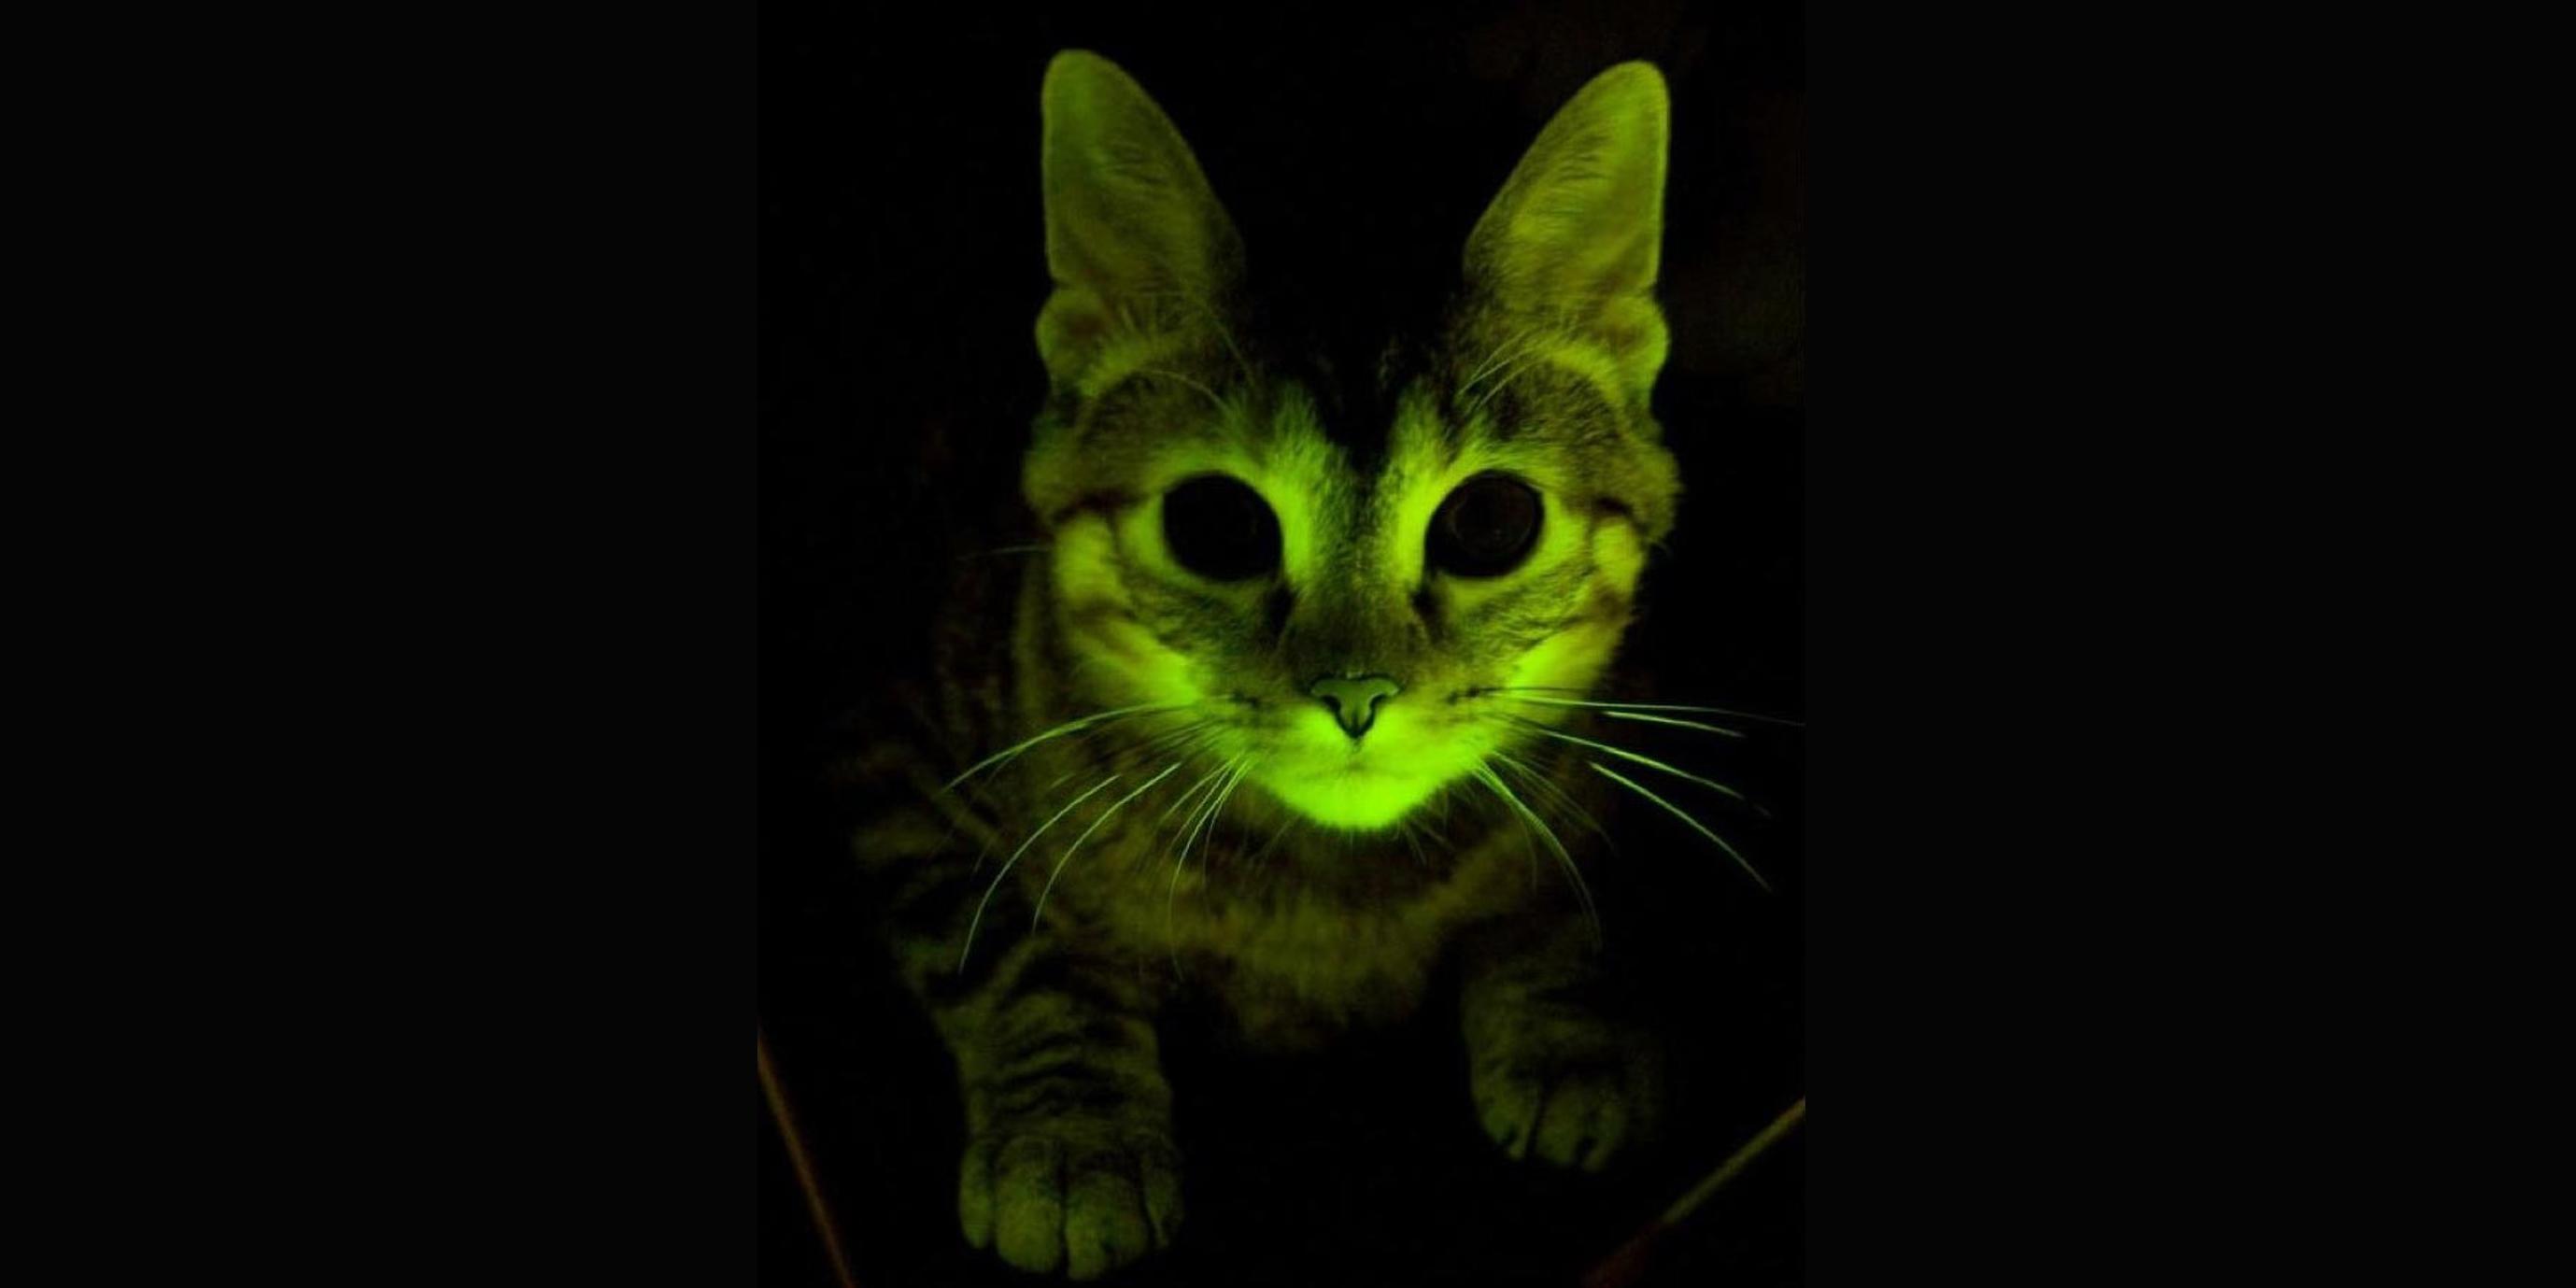 Mit einem fluoreszierenden Quallenprotein gentechnisch veränderte Katze. Copyright: Mayo-Klinik